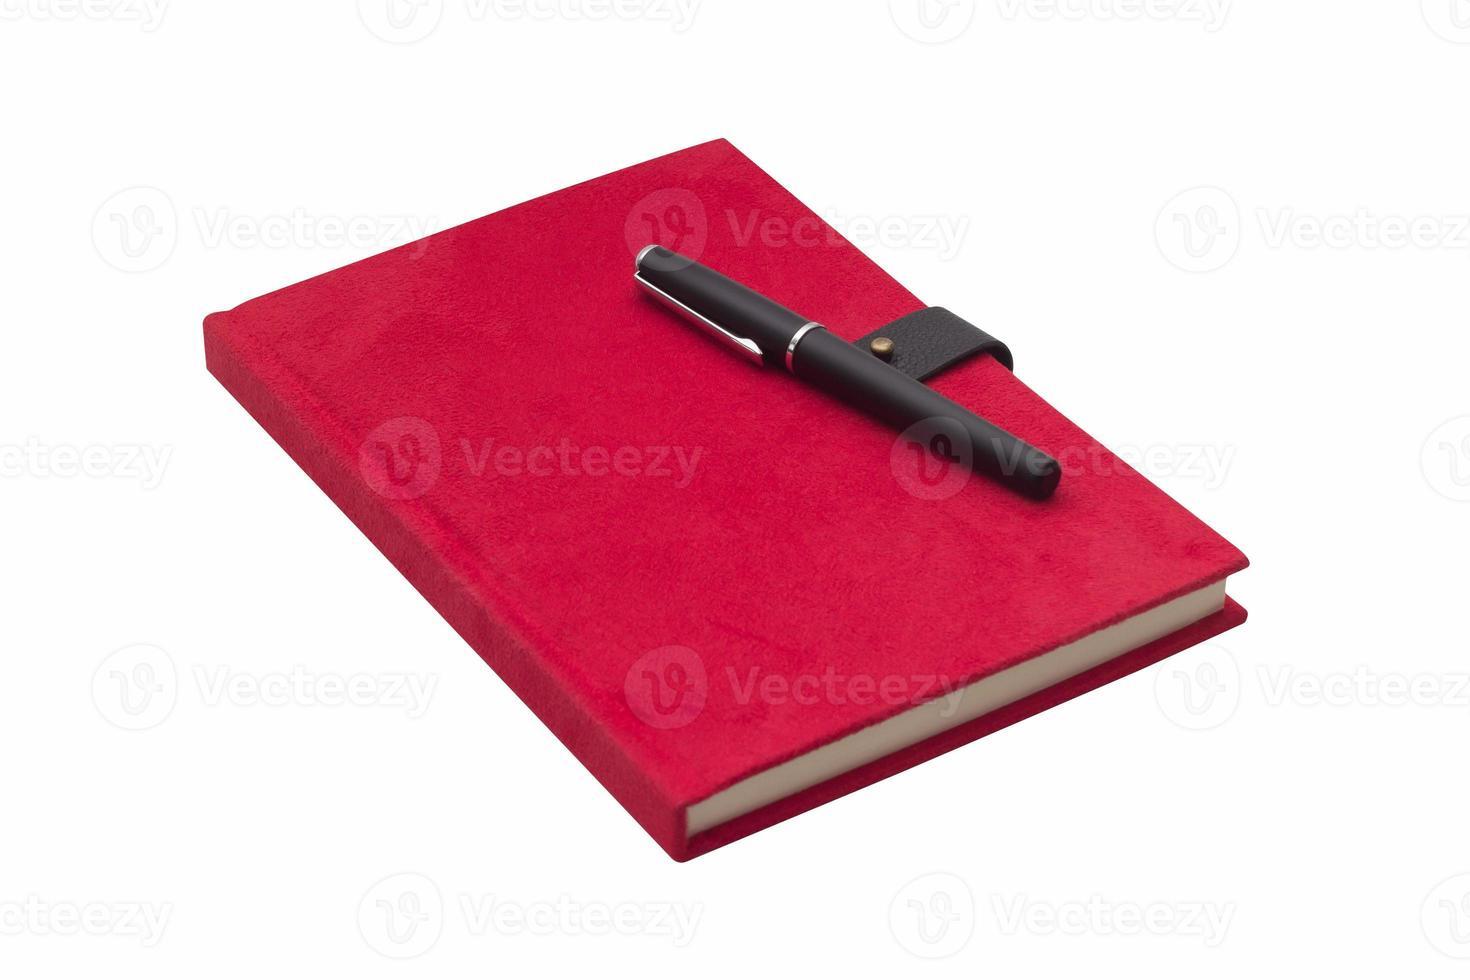 taccuino in bianco rosso della copertina rigida con la penna isolata foto